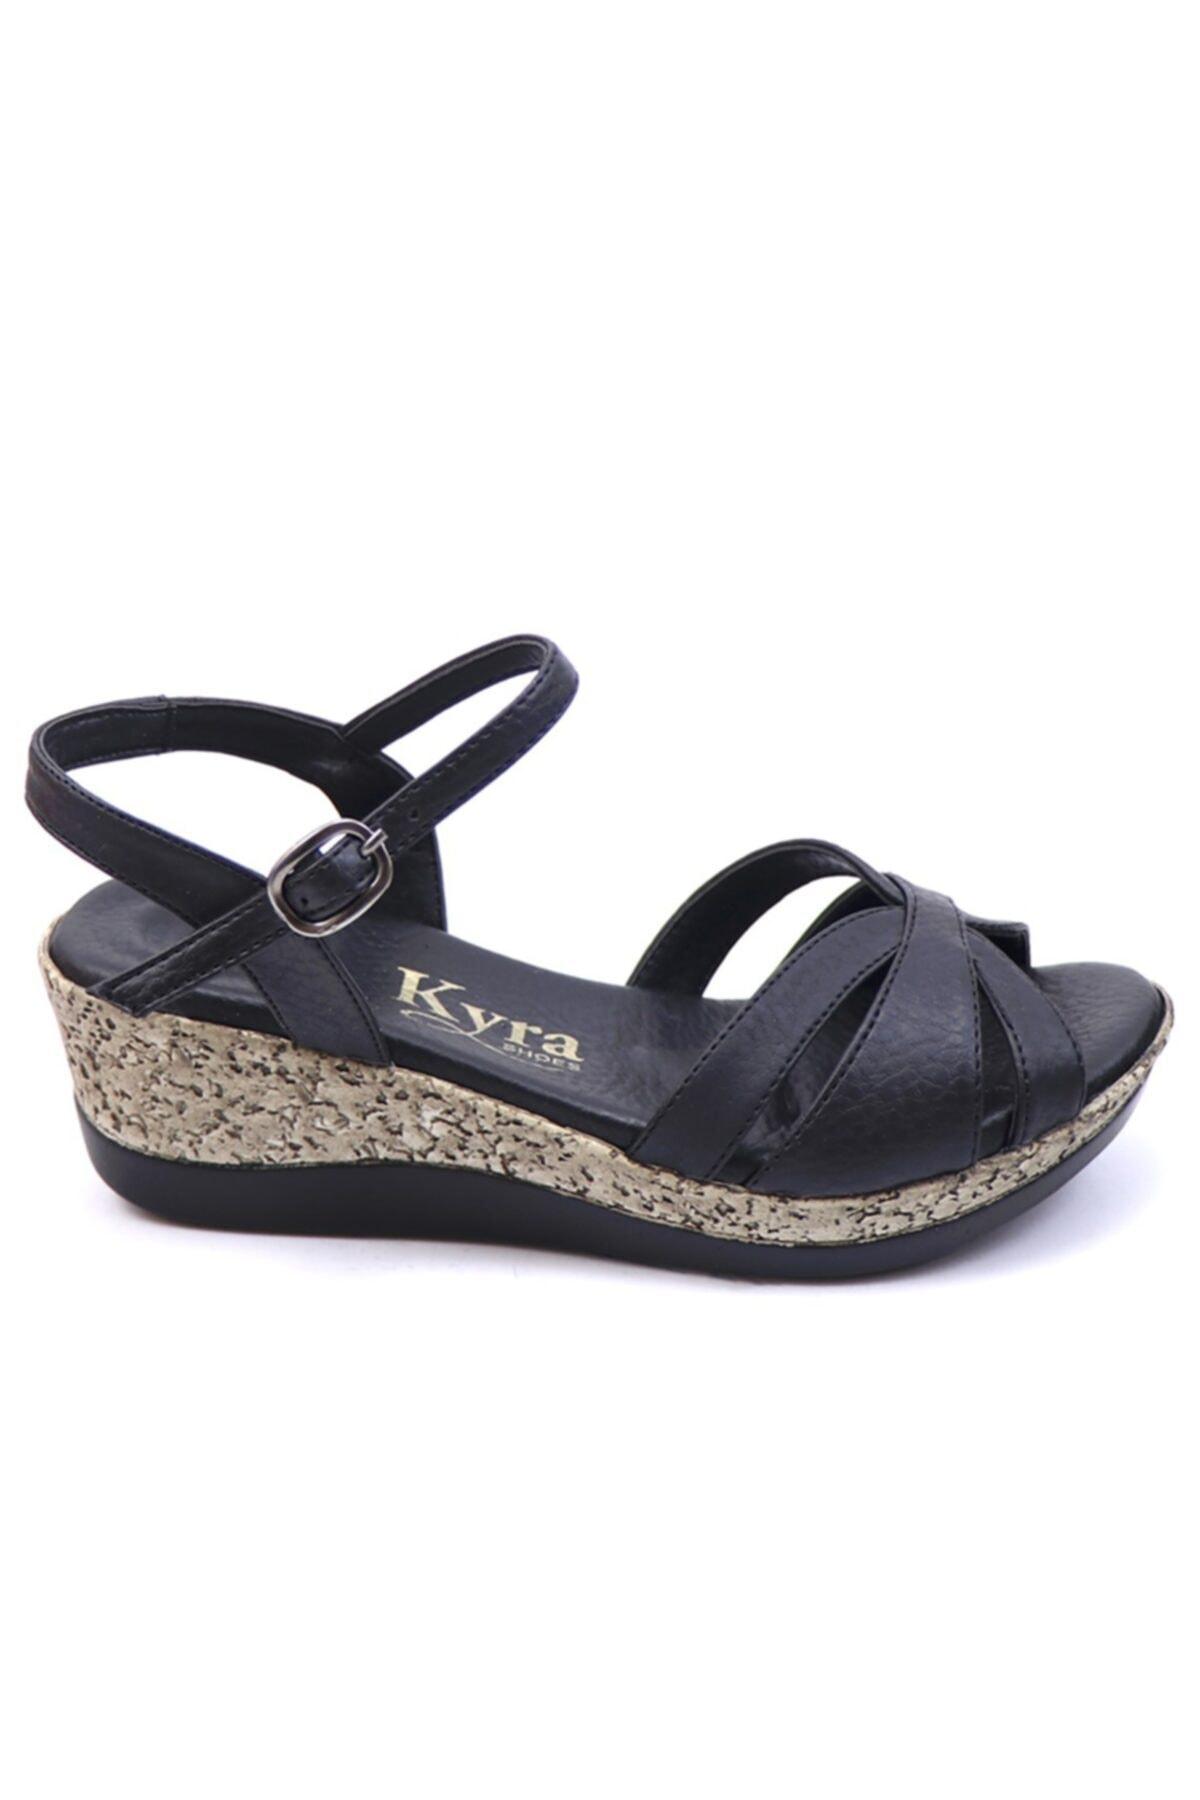 Kayra 02 Kadın Sandalet 2